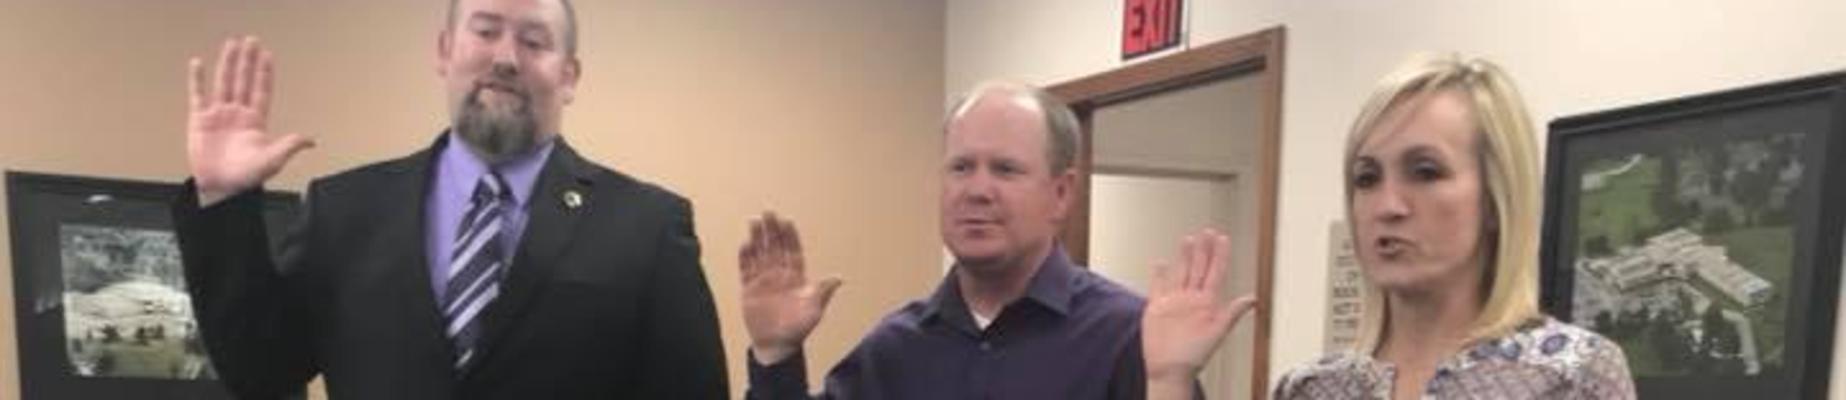 Board members take Oath of Office